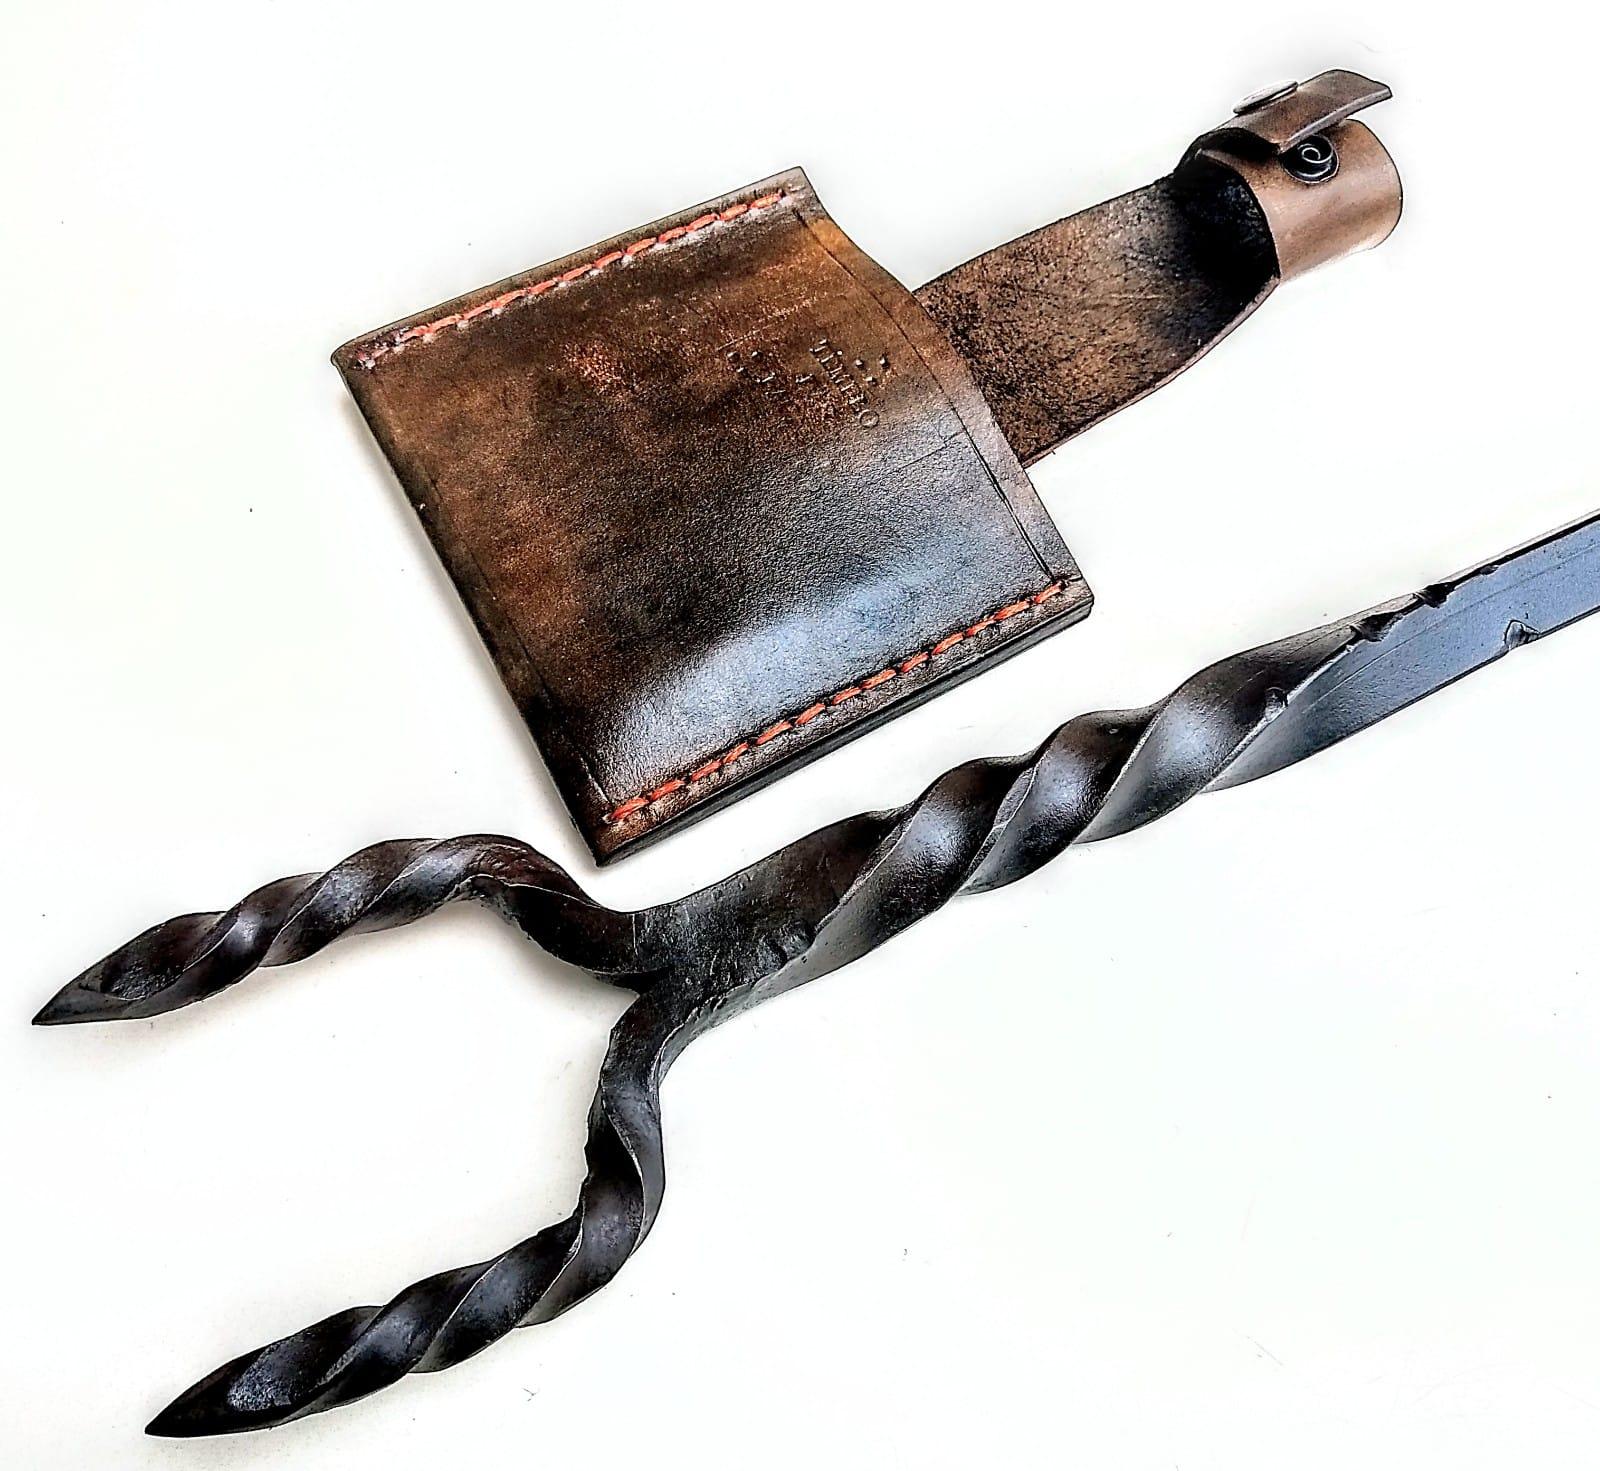 Garfão bruto forjado em aço artesanal  27 polegadas